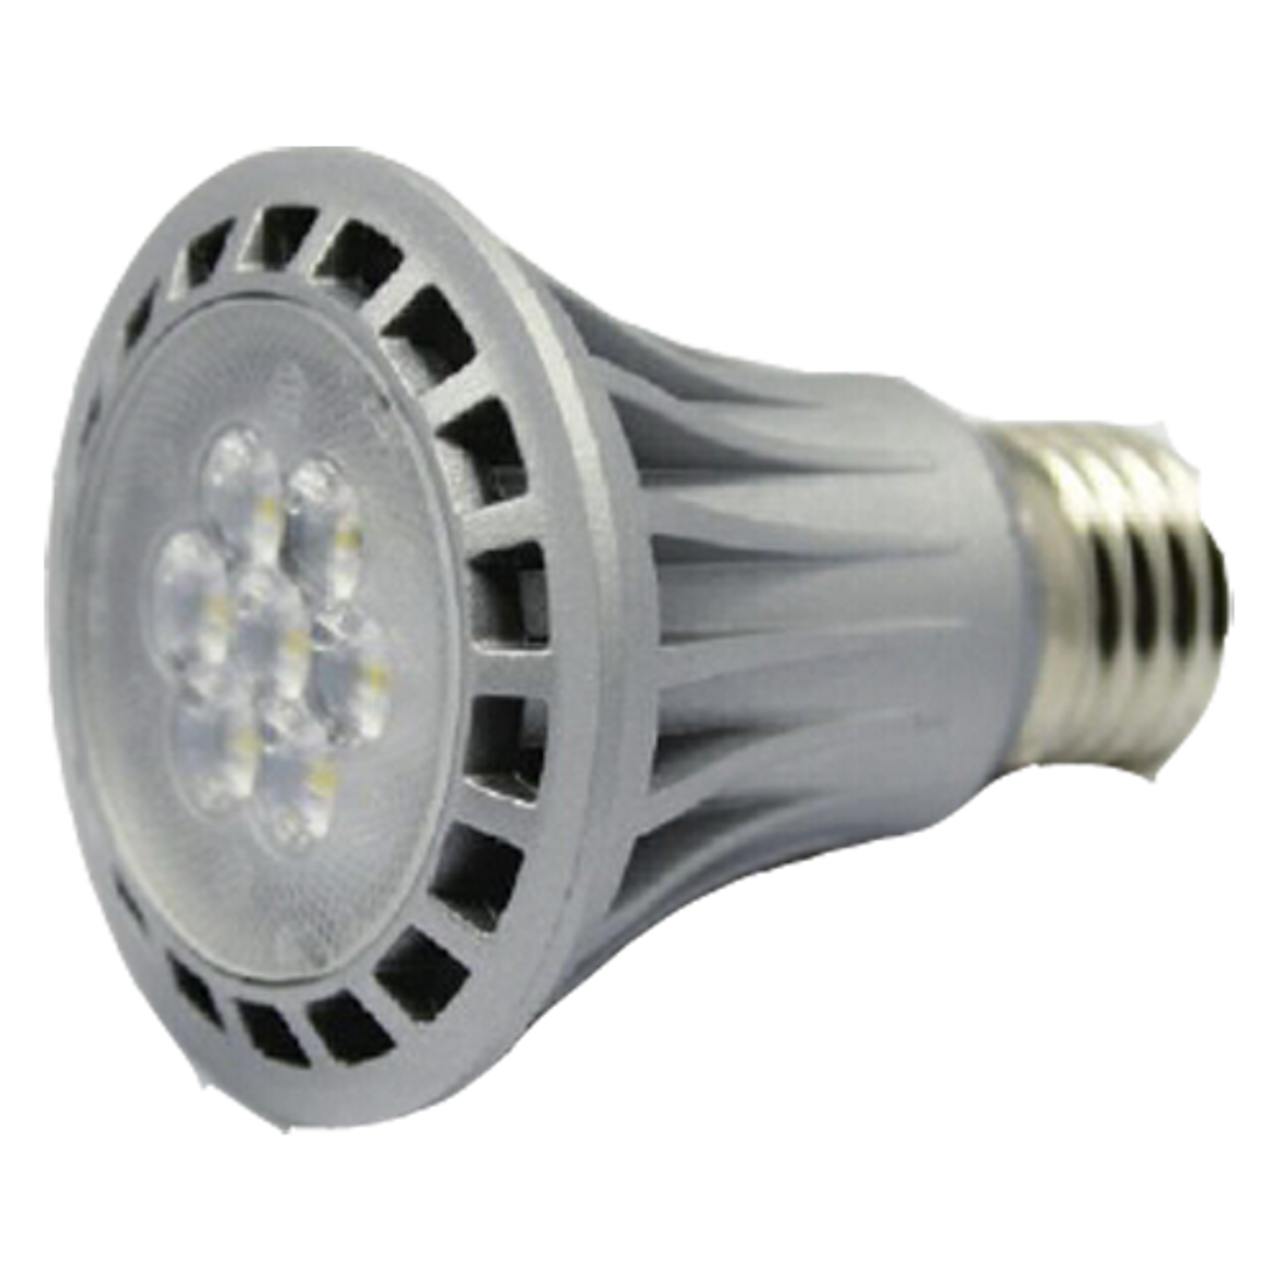 LED PAR20 Bulb, 8 Watts, 550 Lumens, 6500K